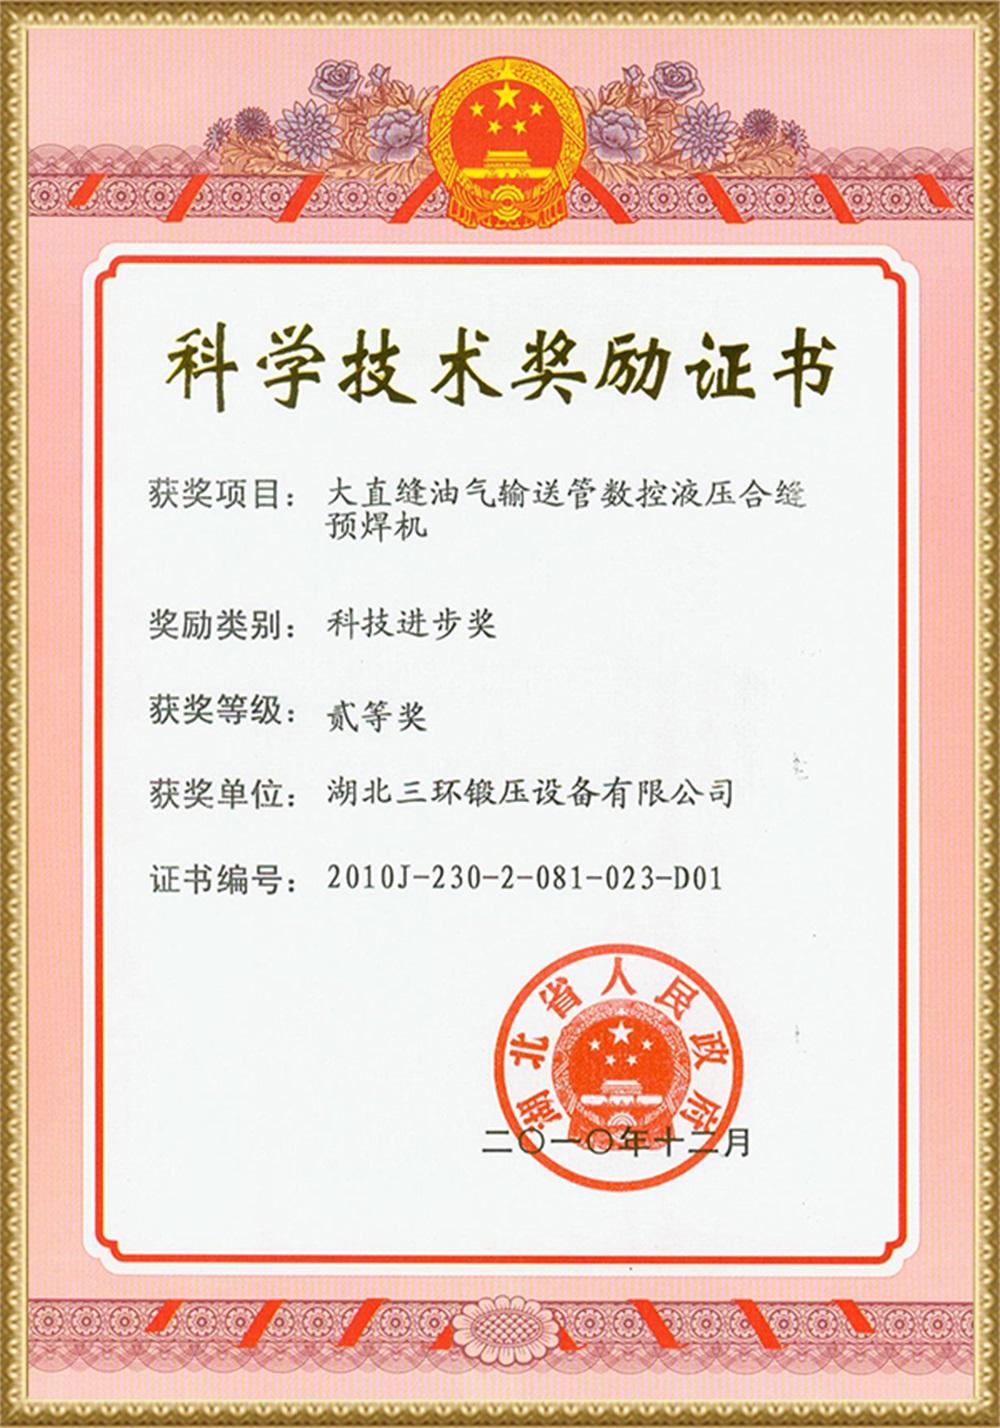 2010數控合縫預焊機湖北二等獎